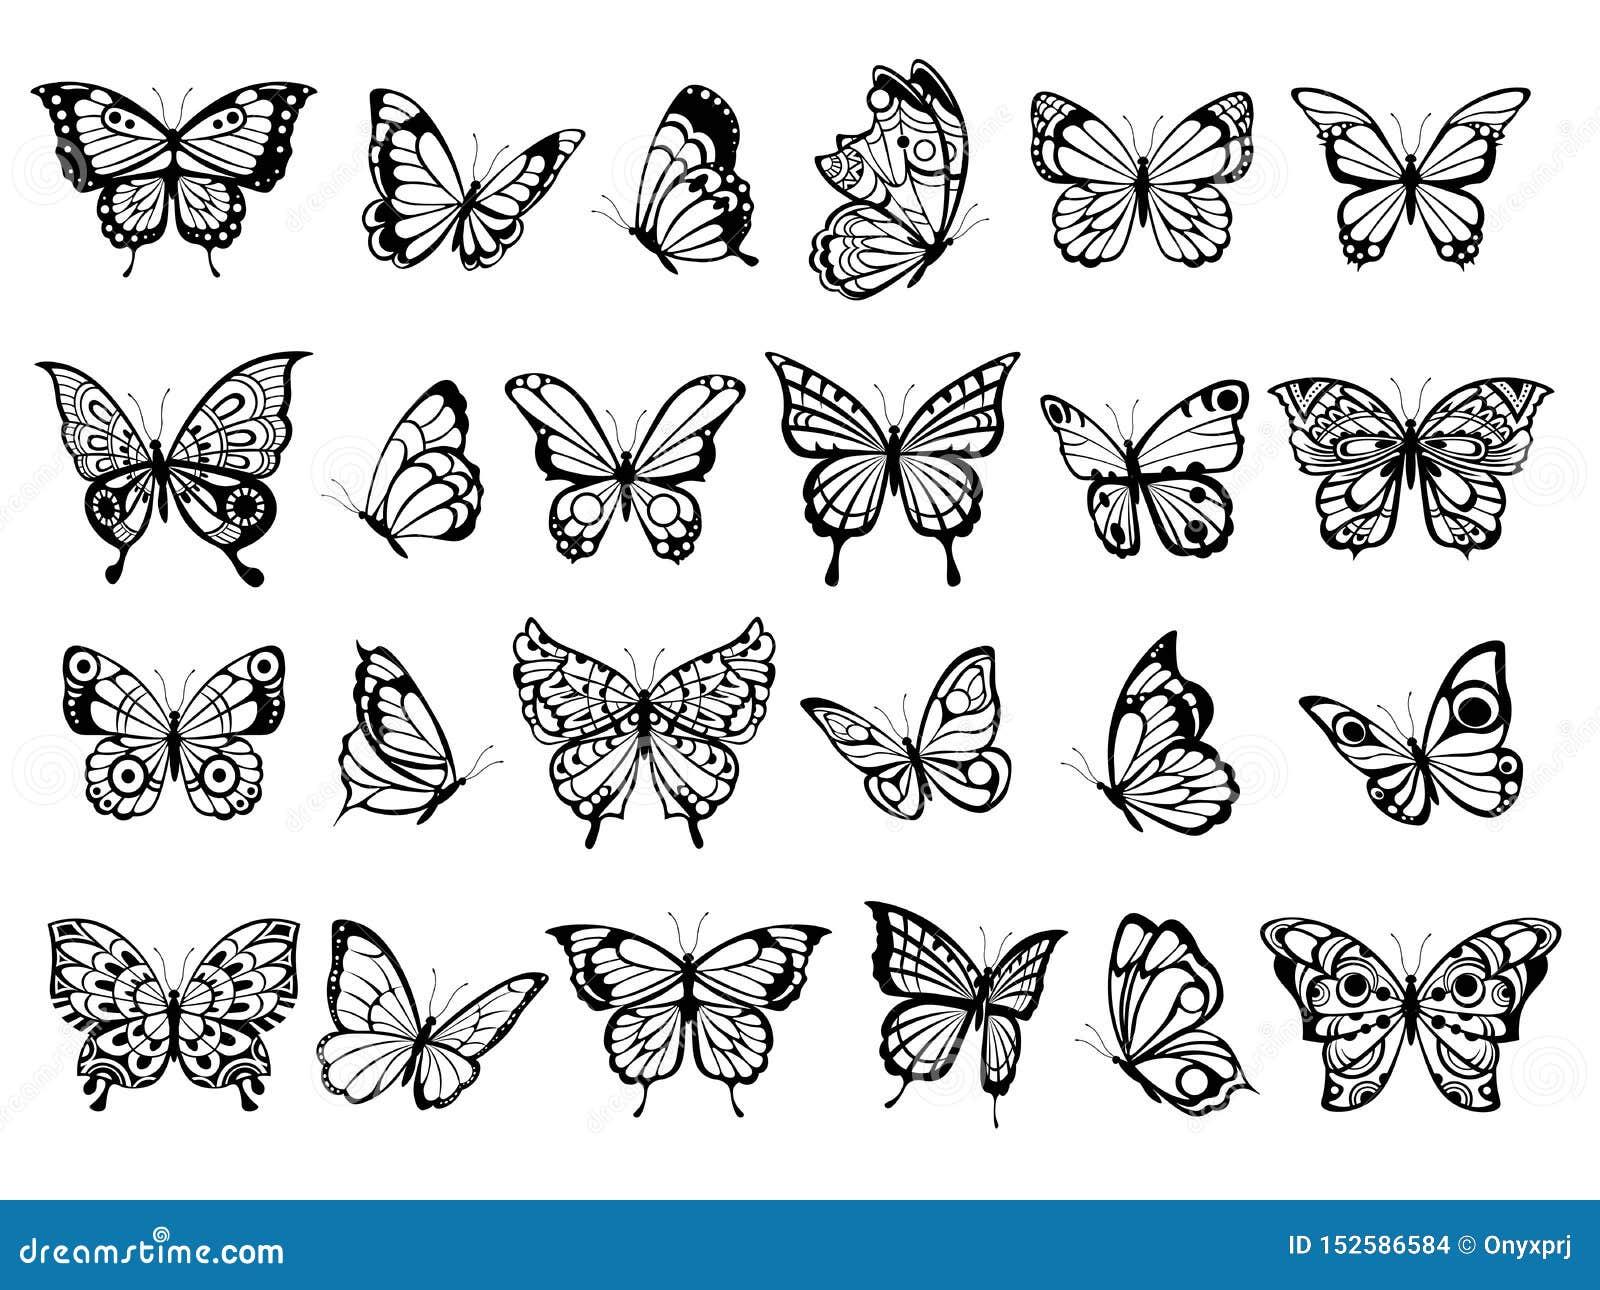 Cole??o da borboleta Desenho bonito do inseto de voo da natureza, borboletas pretas exóticas com imagens engraçadas do vetor das